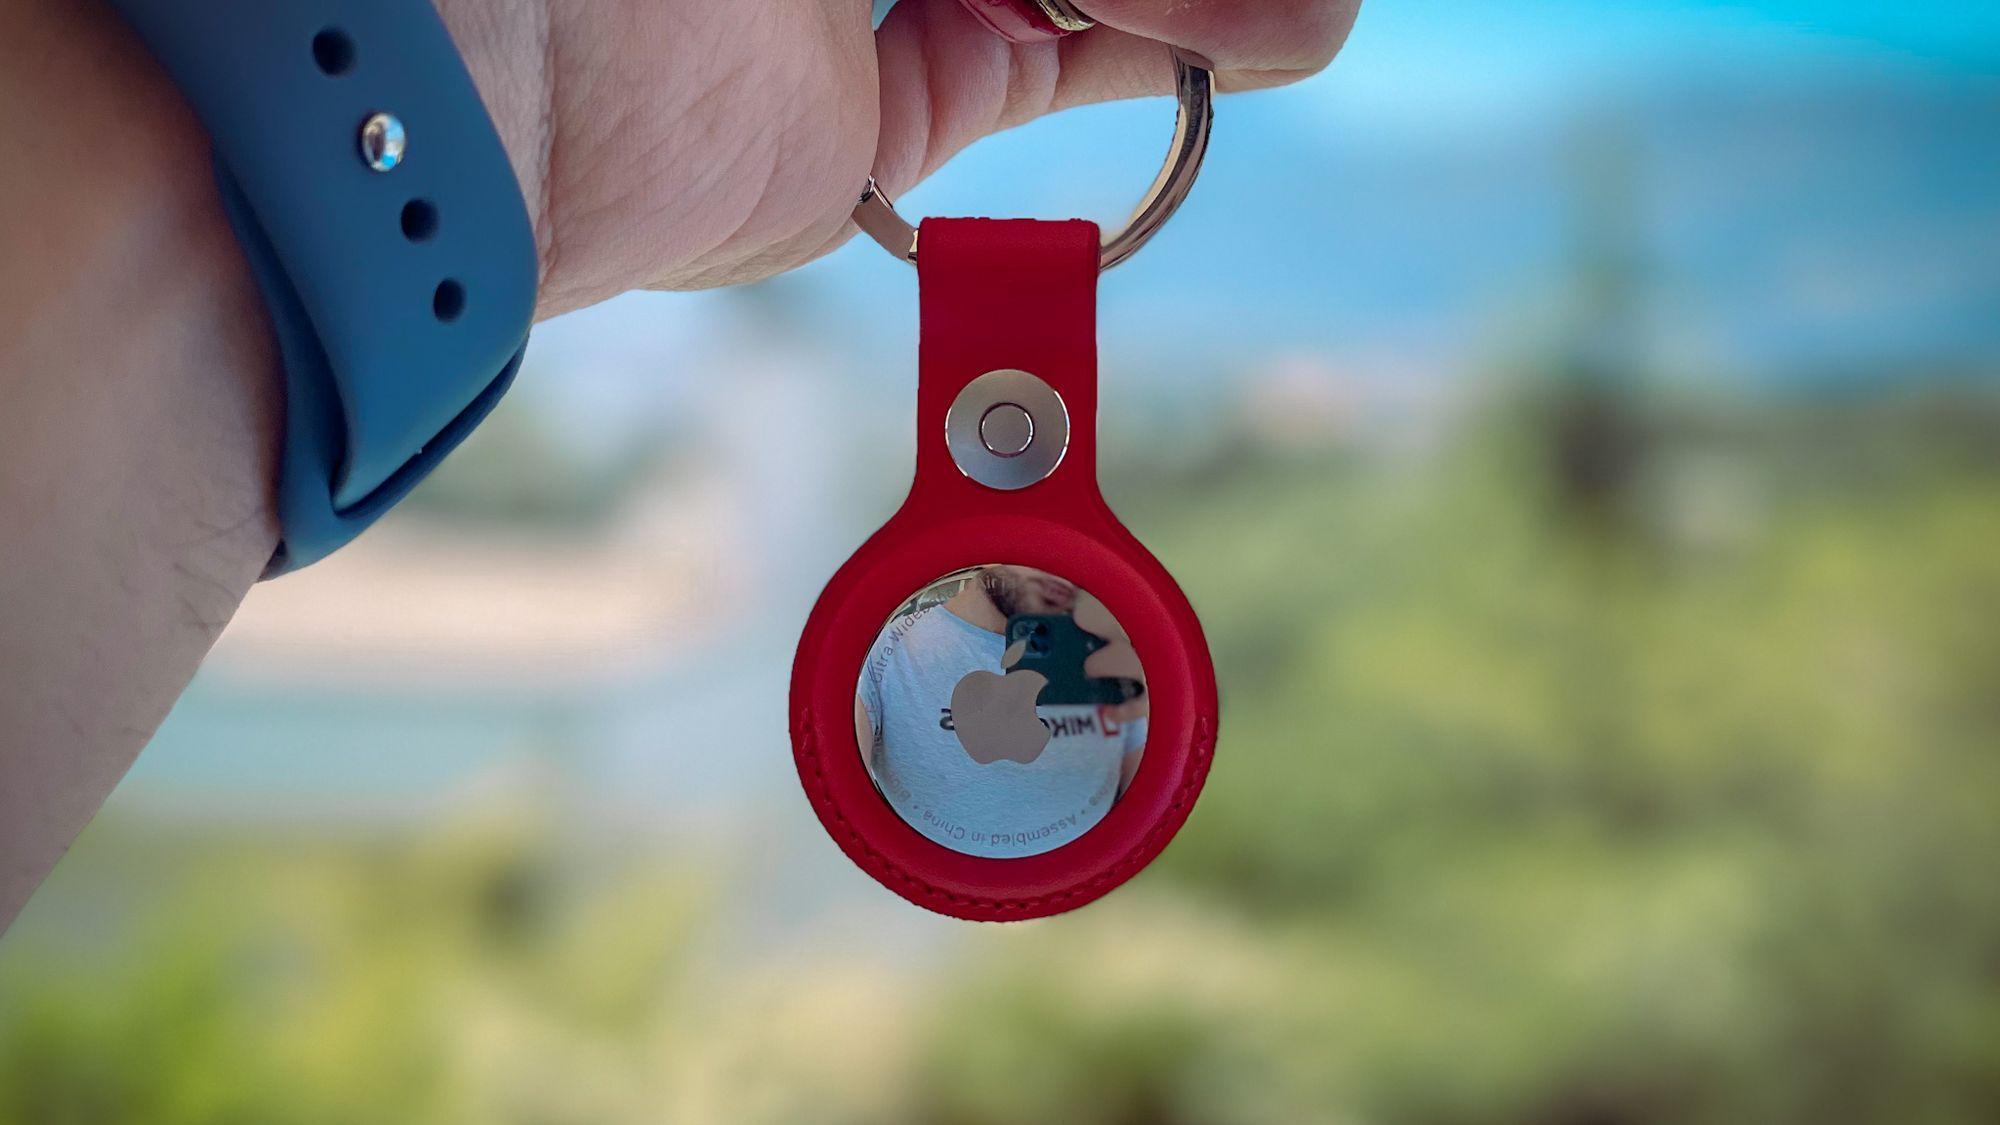 AirTag com porta-chaves vermelho